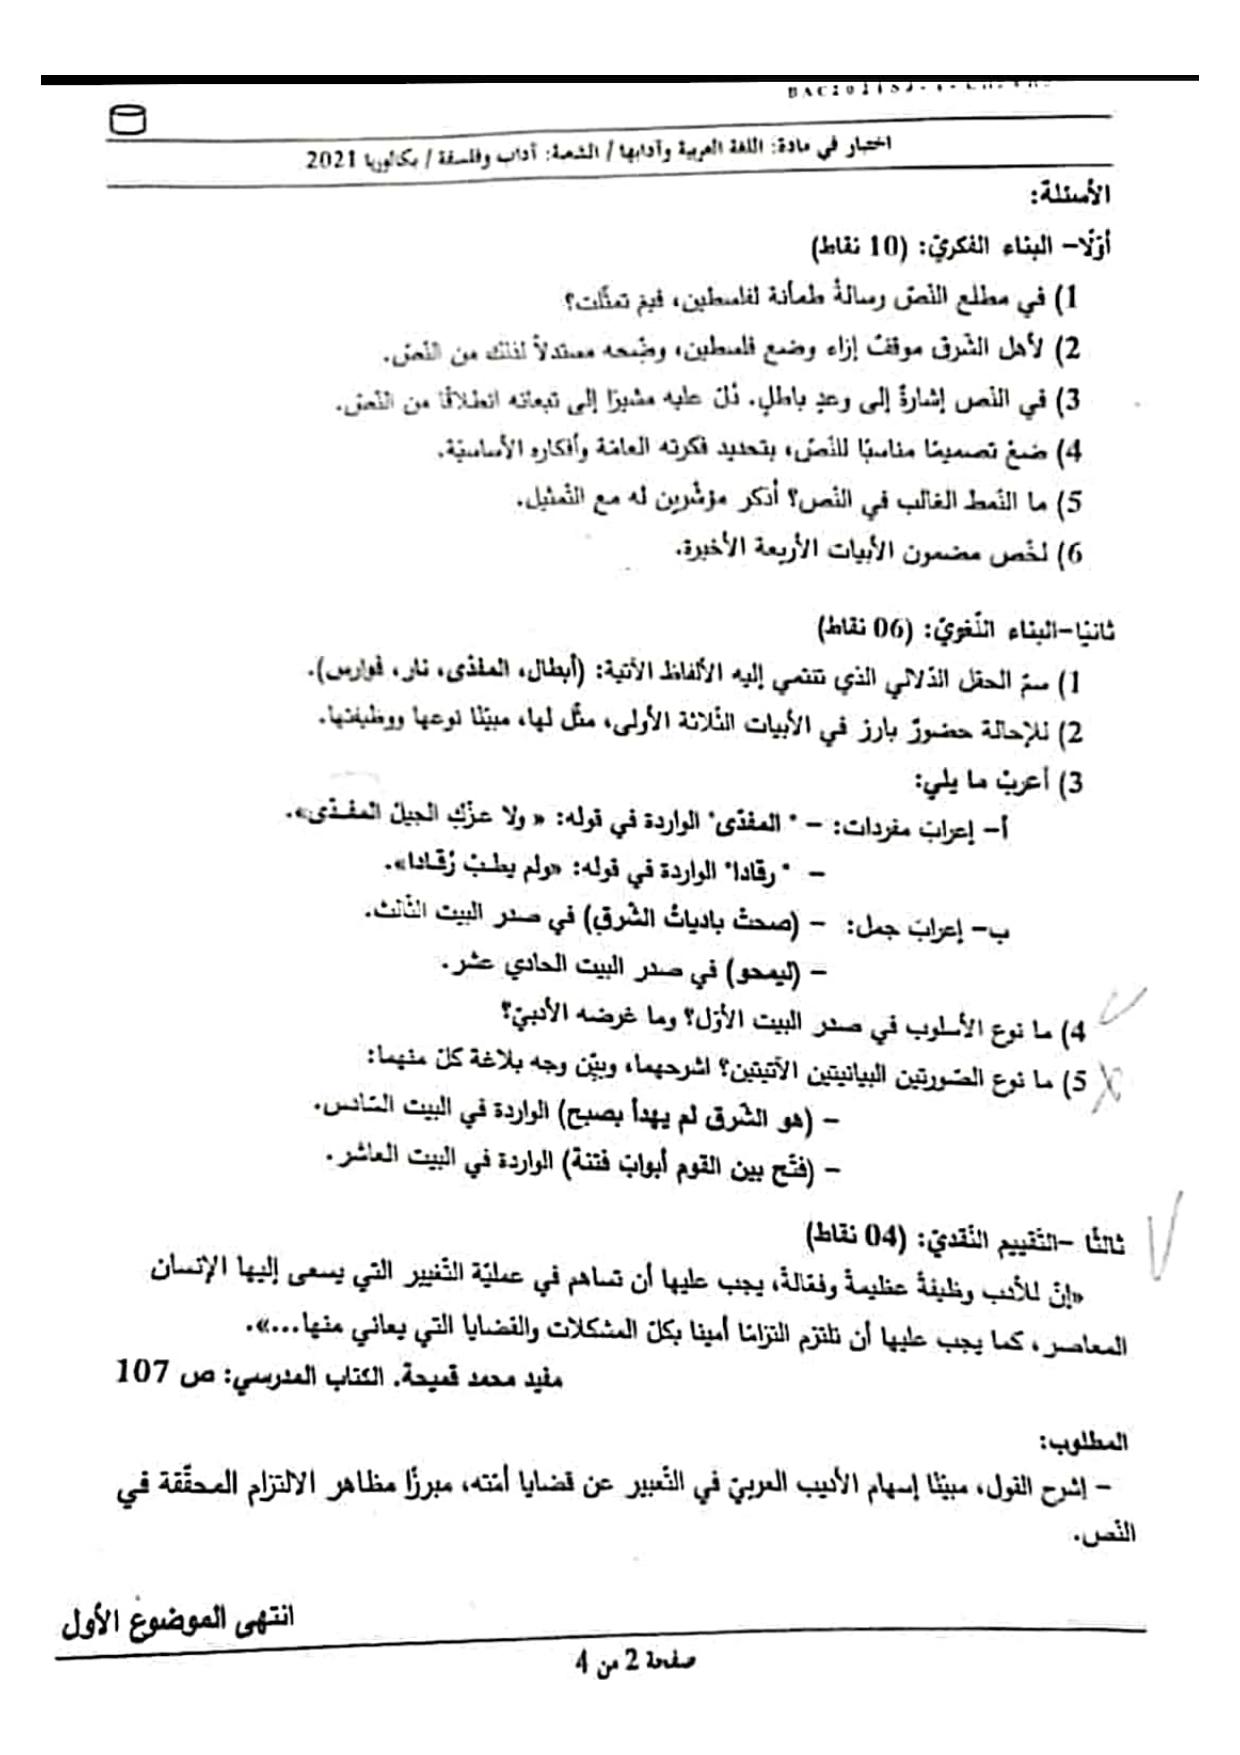 موضوع اللغة العربية شعبة آداب وفلسفة بكالوريا pdf